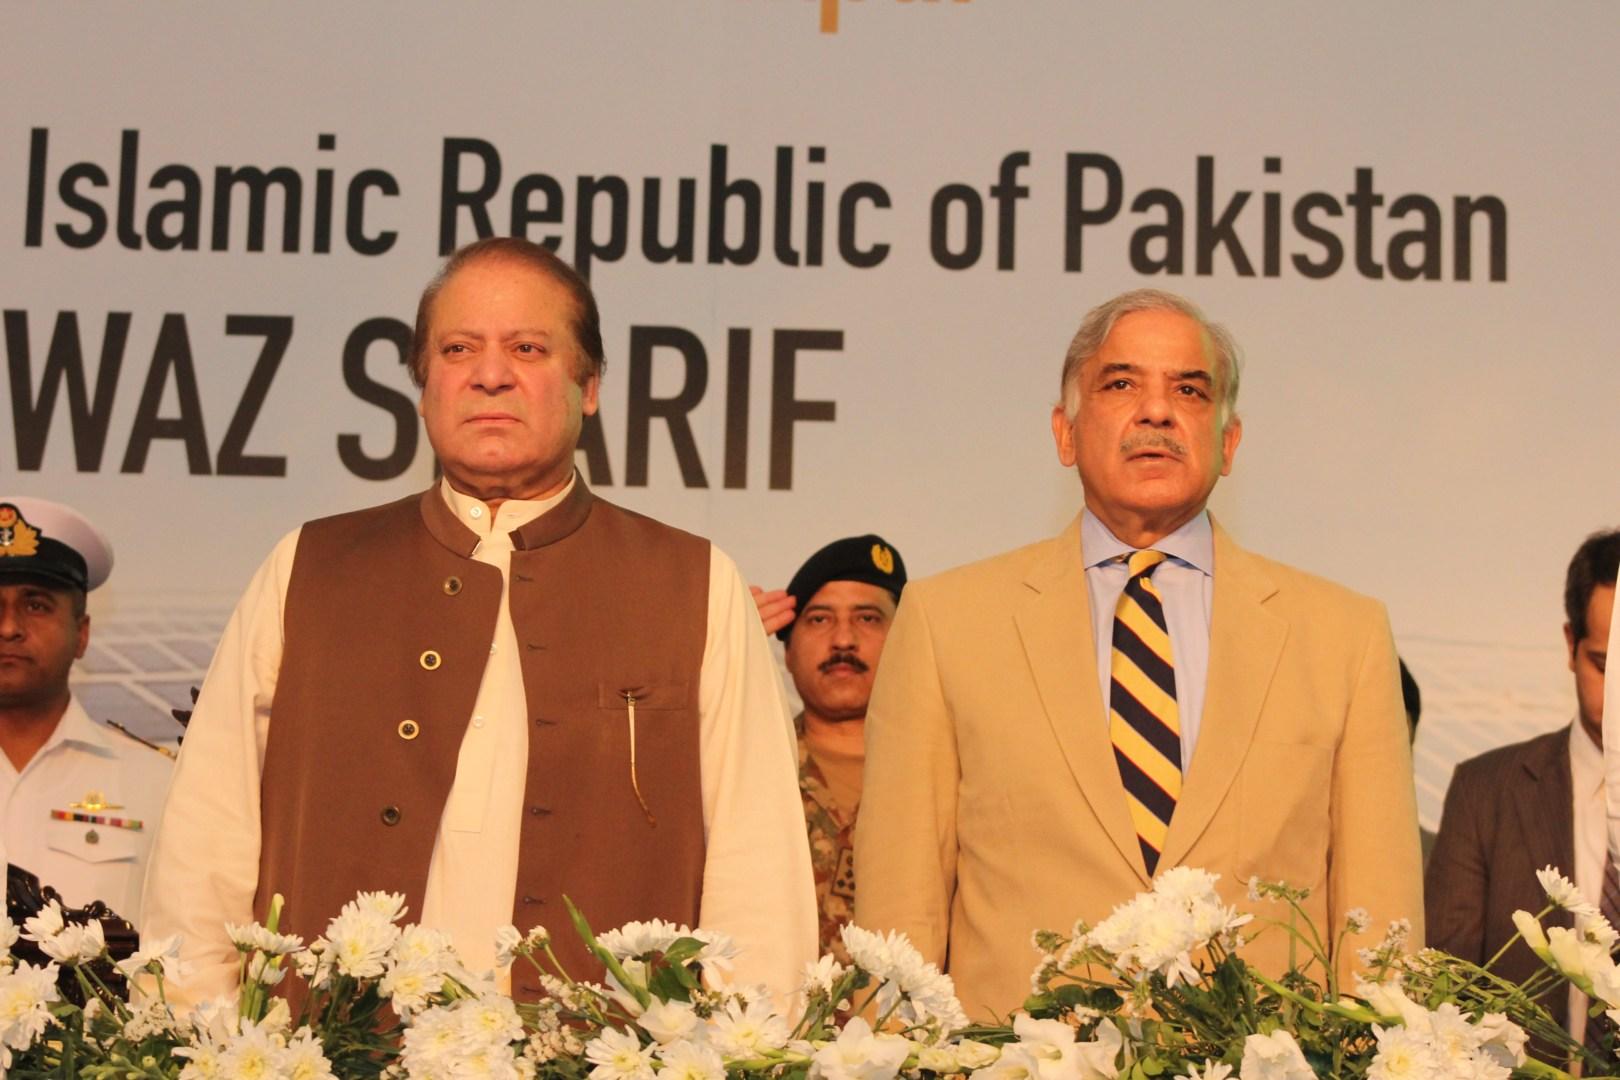 謝里夫家族是巴基斯坦政壇兩大家族之一,納瓦茲·謝里夫(左)曾3度擔任總理。(Shutterstock)